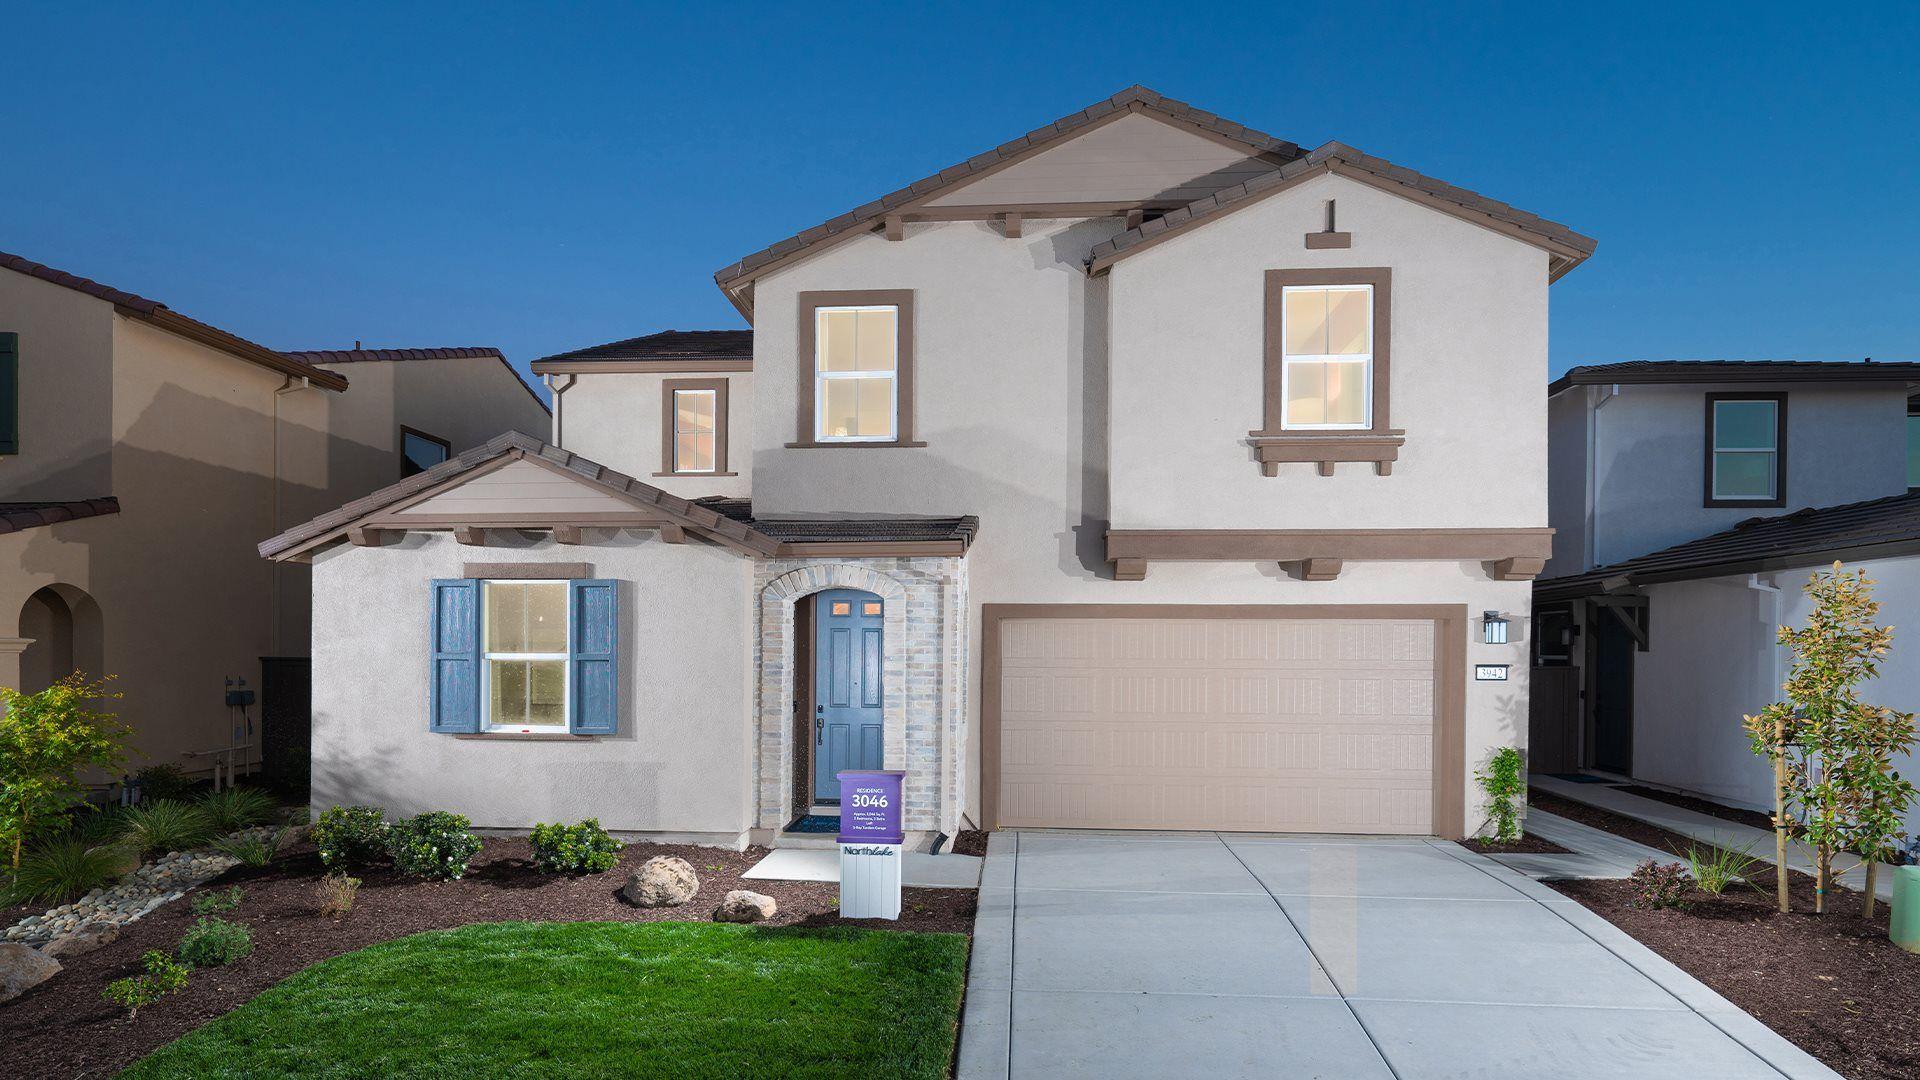 Residence 3046 | Model Home